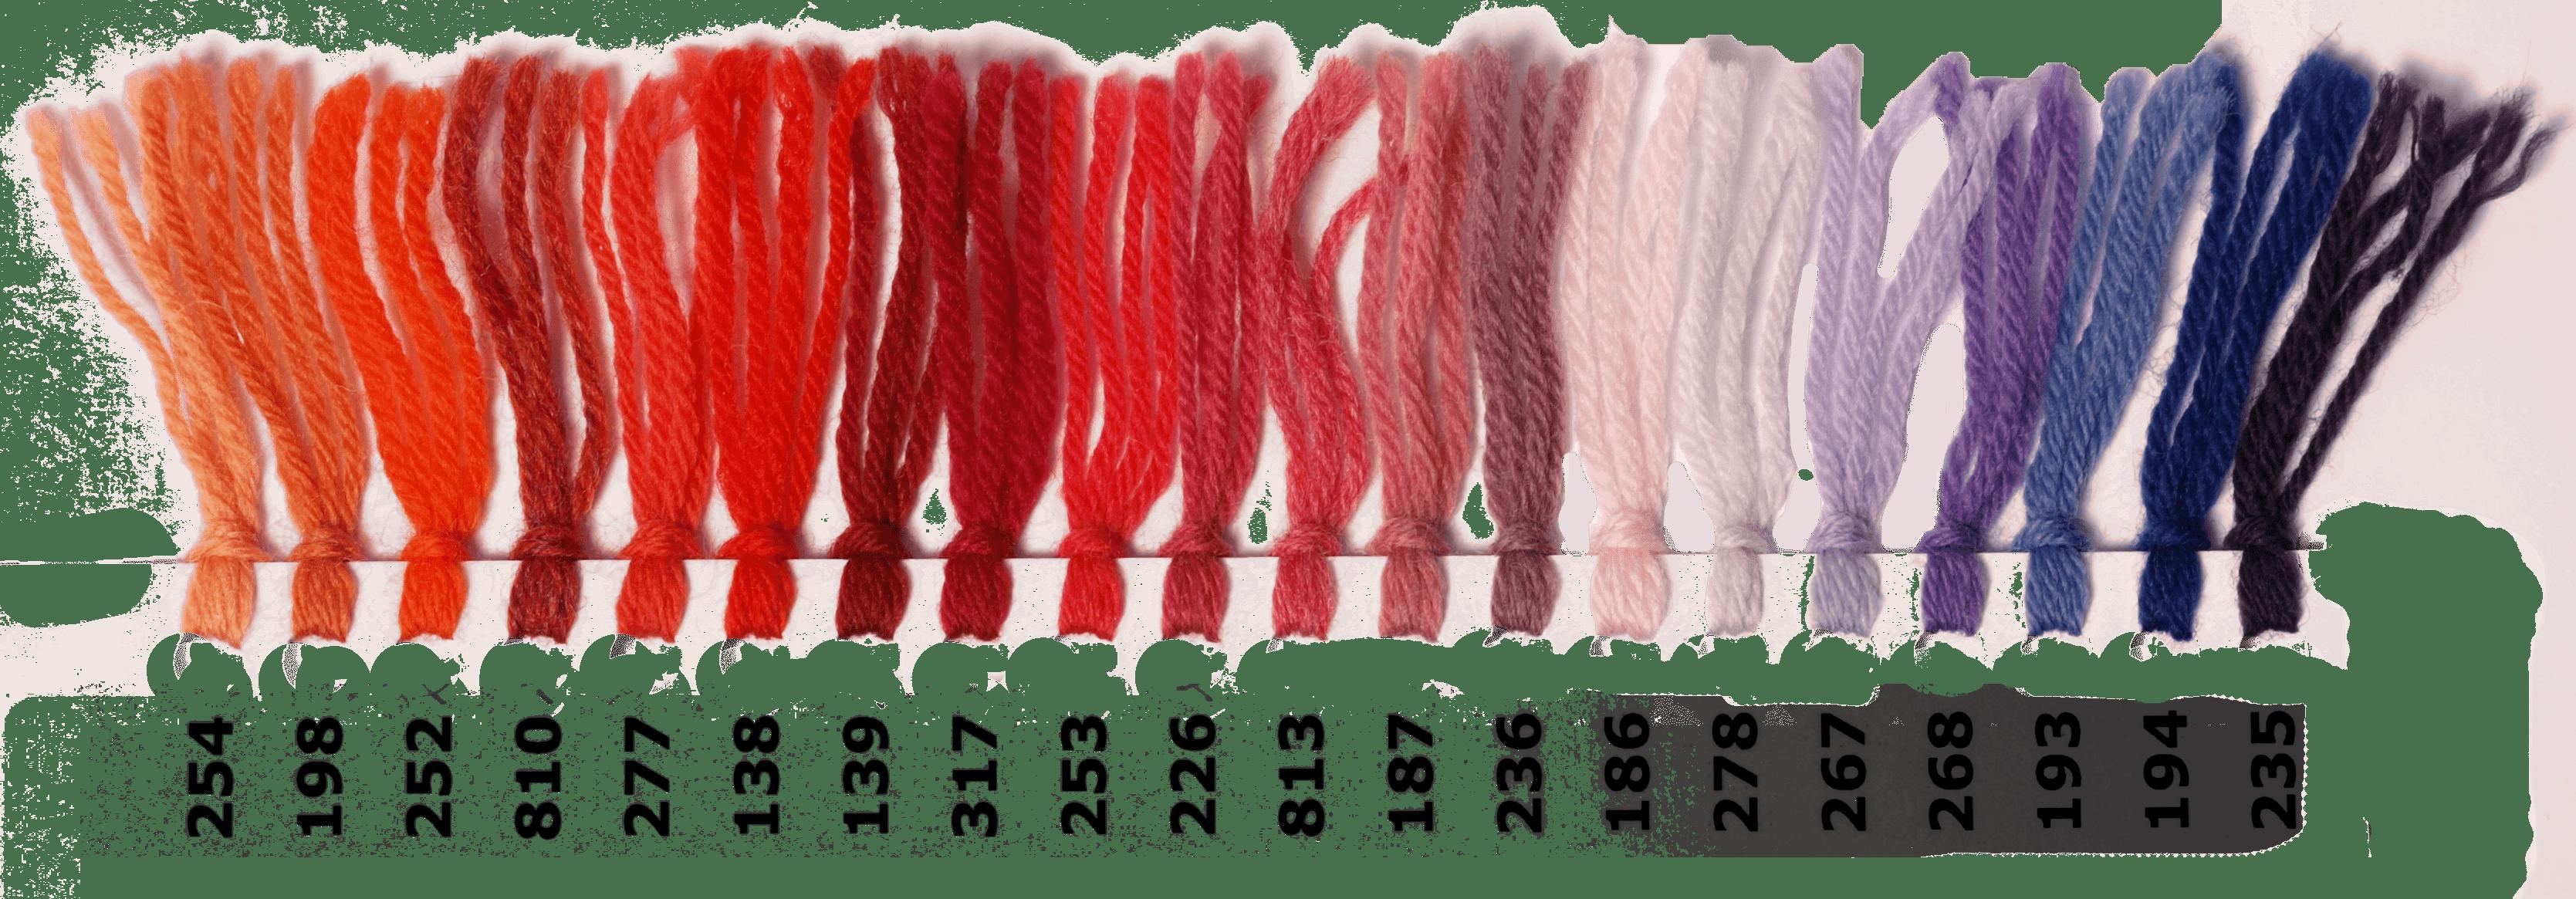 Arwetta-farvekort4